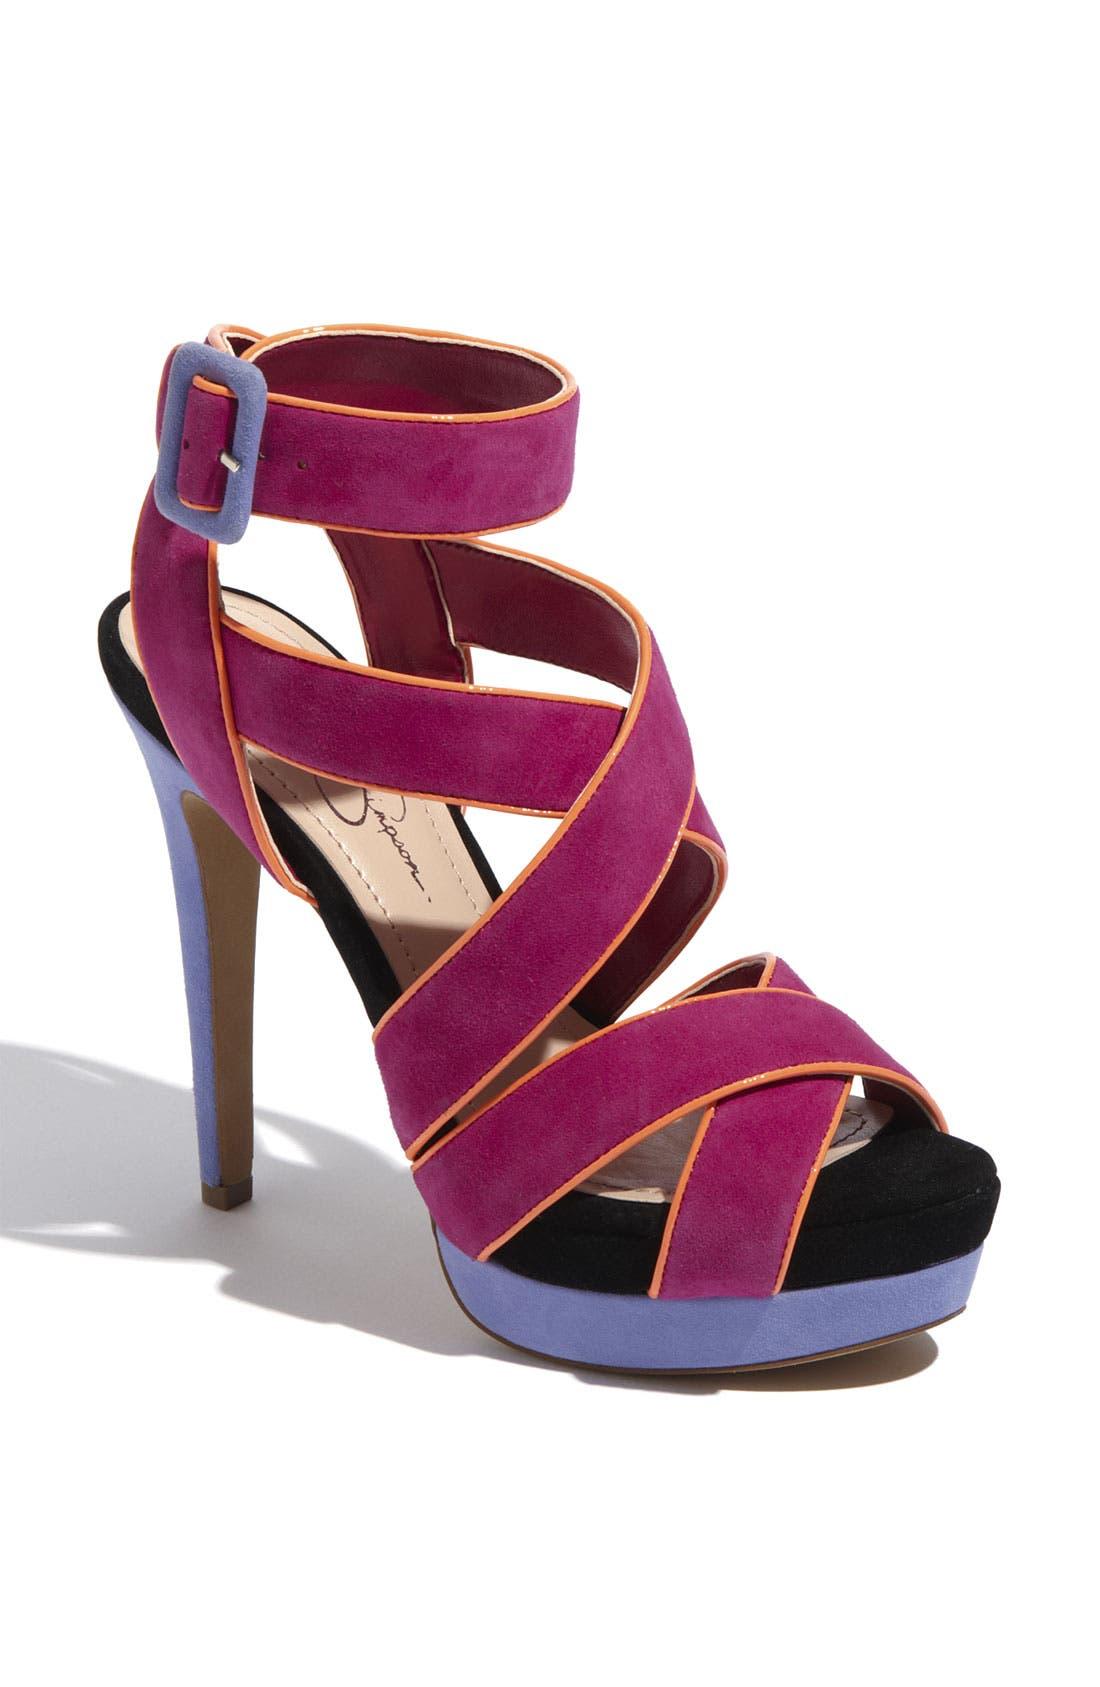 Main Image - Jessica Simpson 'Evangela' Sandal